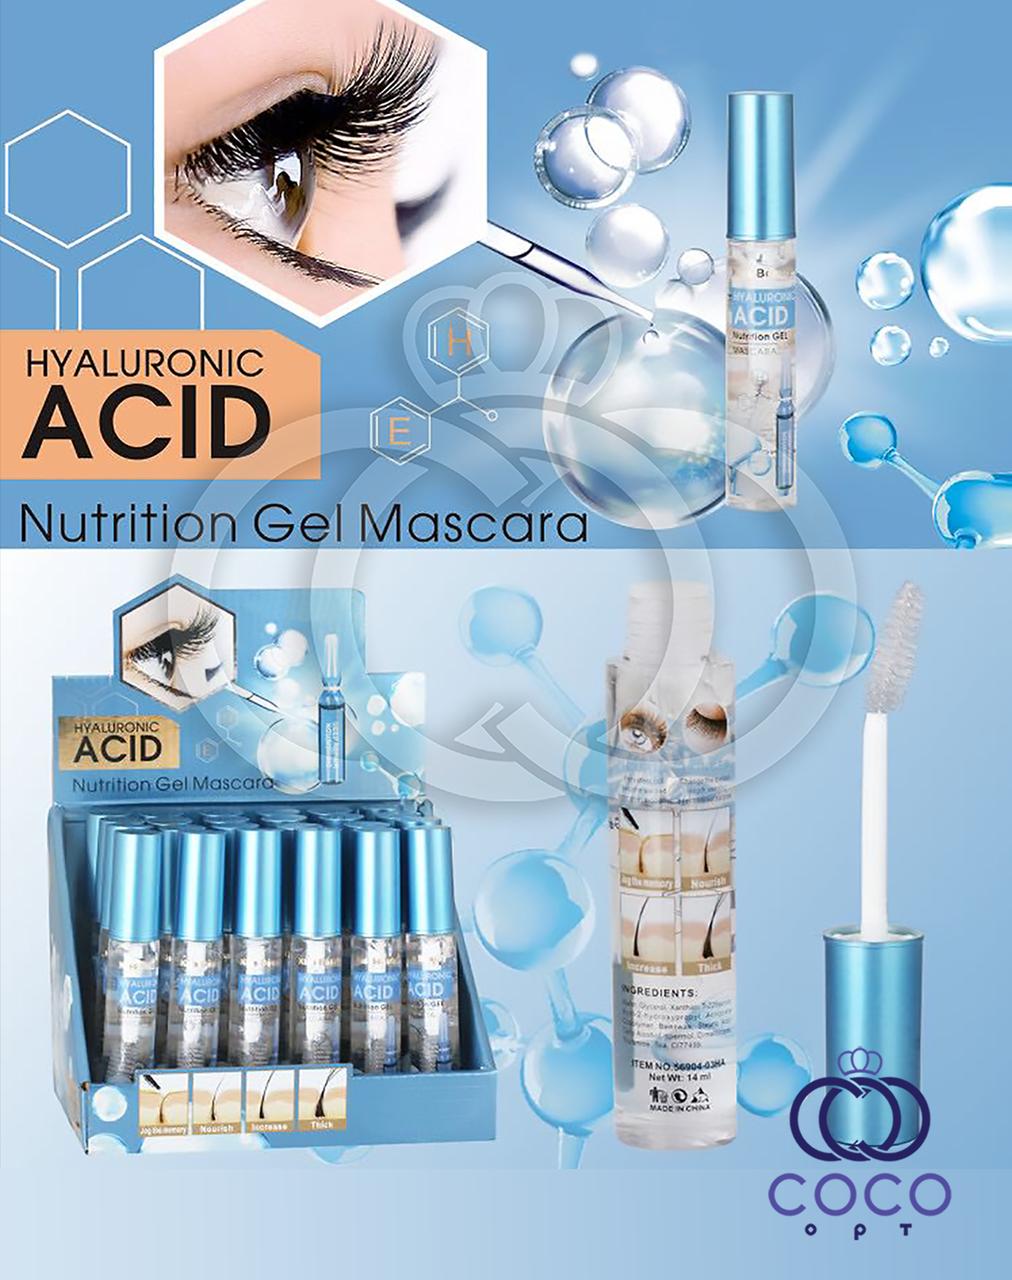 Гель для укрепления и ускорения роста ресниц Hyaluronic Acid Nutrition Gel с гиалуроновой кислотой